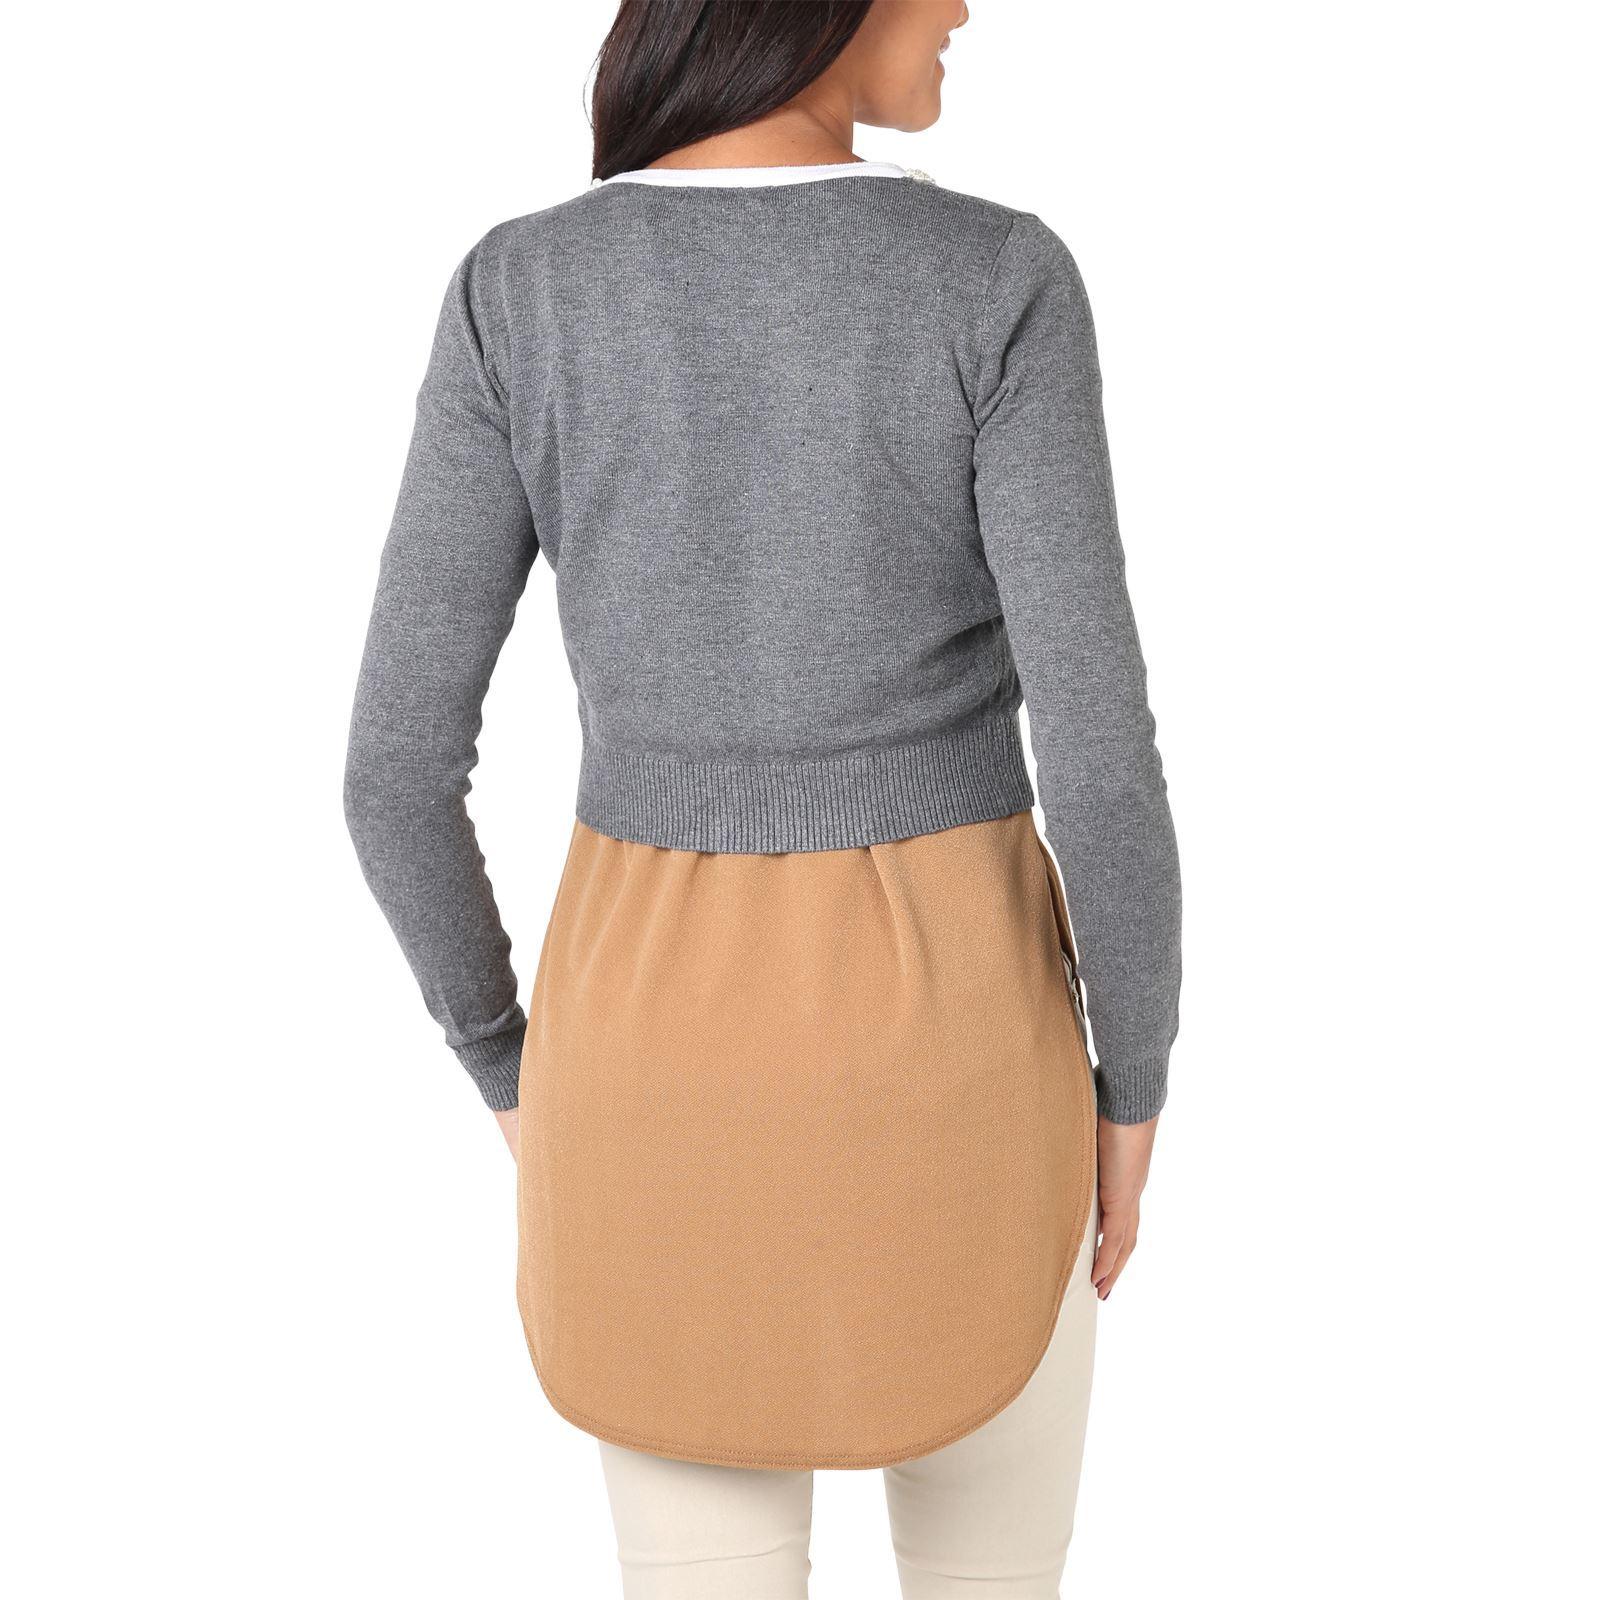 Donna-Bolero-Coprispalle-Seta-Morbido-Cardigan-Manica-Lunga-Maglia-Corto-Lavoro miniatura 12